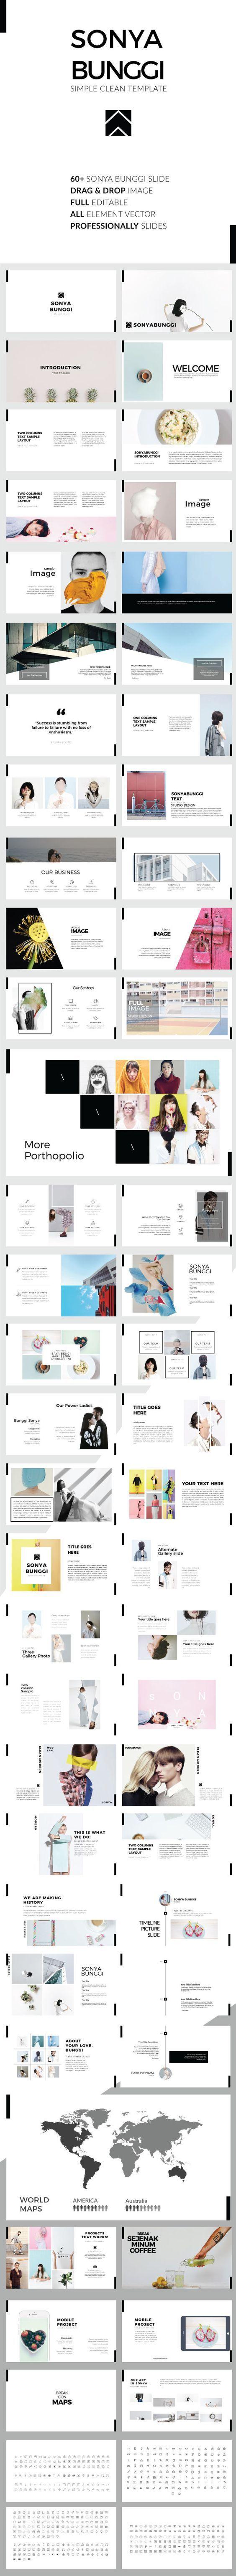 Sonya Bunggi - Simple Clean Keynote Template